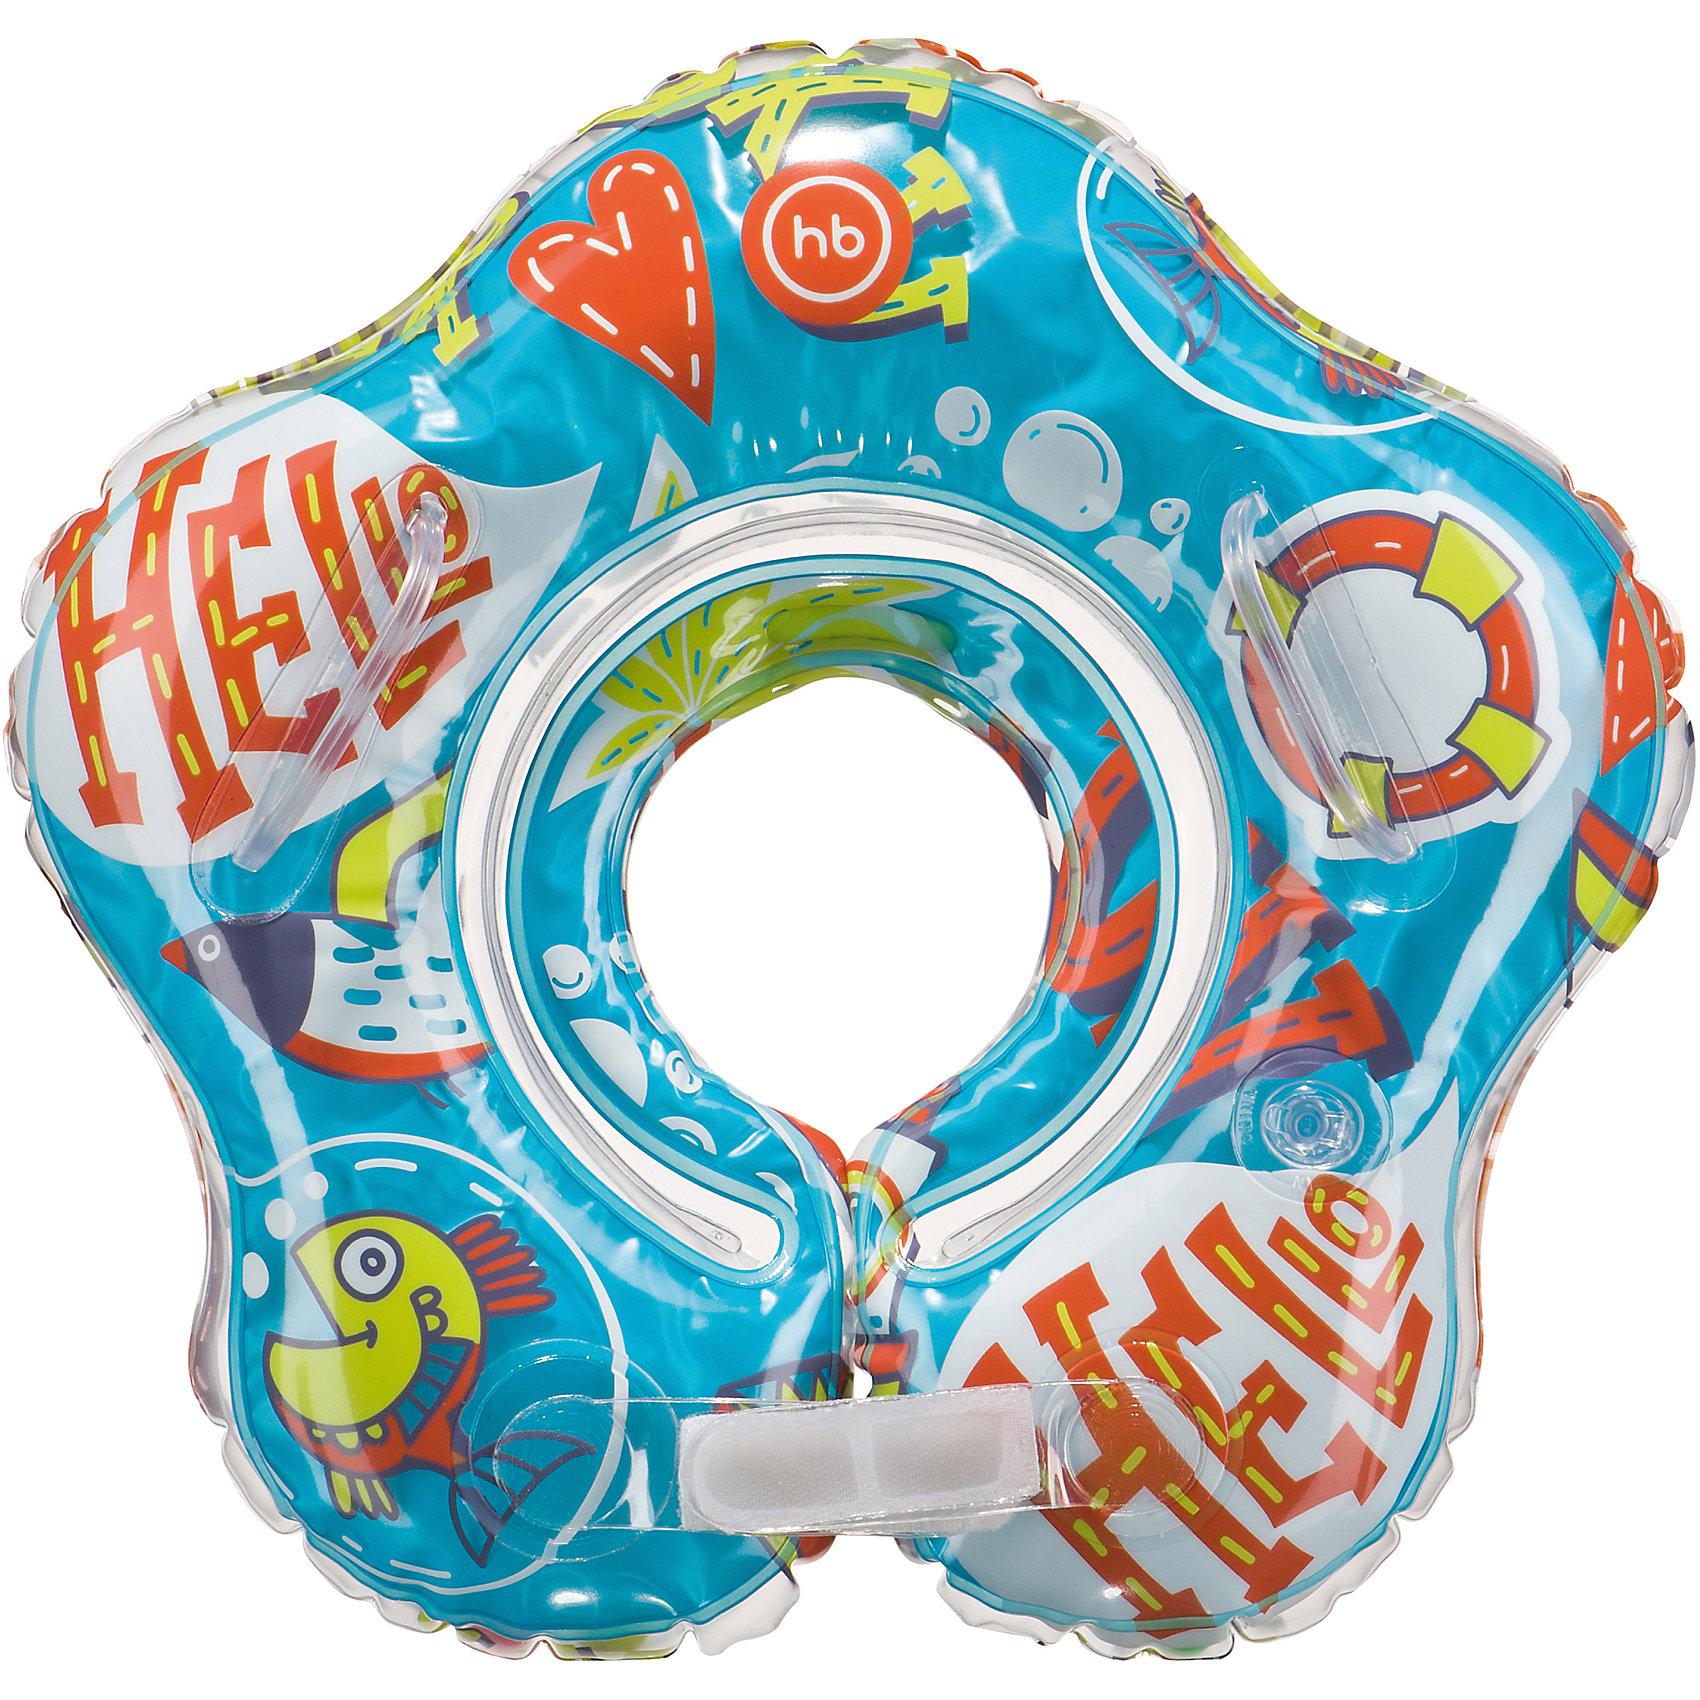 Надувной круг на шею DOLFY, Happy BabyКруги и нарукавники<br>Надувной круг на шею предназначен для купания детей с 3 месяцев до 2 лет, на глубине не более 1 м. Круг для купания DOLFY порадует вашего малыша. Благодаря кругу водные процедуры станут весёлым занятием как для ребёнка, так и для родителей. С помощью липучек круг легко надевается и надёжно фиксируется вокруг шеи малыша. Голова ребёнка всегда будет над поверхностью воды, а применяемая в производстве технология «внутреннего шва» делает контуры изделия безопасными.  Музыкальный круг с погремушками сделает водные процедуры ещё более увлекательными.<br><br>Дополнительная информация:<br>- Музыкальная кнопка<br>- Технология «внутреннего шва» делает контуры изделия мягкими и безопасными<br>- Вставка под подбородок надежно фиксирует положение головы<br>- Застежка в виде липучки надежно фиксирует надувной круг<br>- Диаметр  в надутом состоянии 38 см<br>- Максимальная нагрузка 15 кг<br><br>Надувной круг на шею DOLFY можно купить в нашем интернет-магазине.<br><br>Ширина мм: 40<br>Глубина мм: 160<br>Высота мм: 220<br>Вес г: 200<br>Возраст от месяцев: 3<br>Возраст до месяцев: 24<br>Пол: Унисекс<br>Возраст: Детский<br>SKU: 3739115